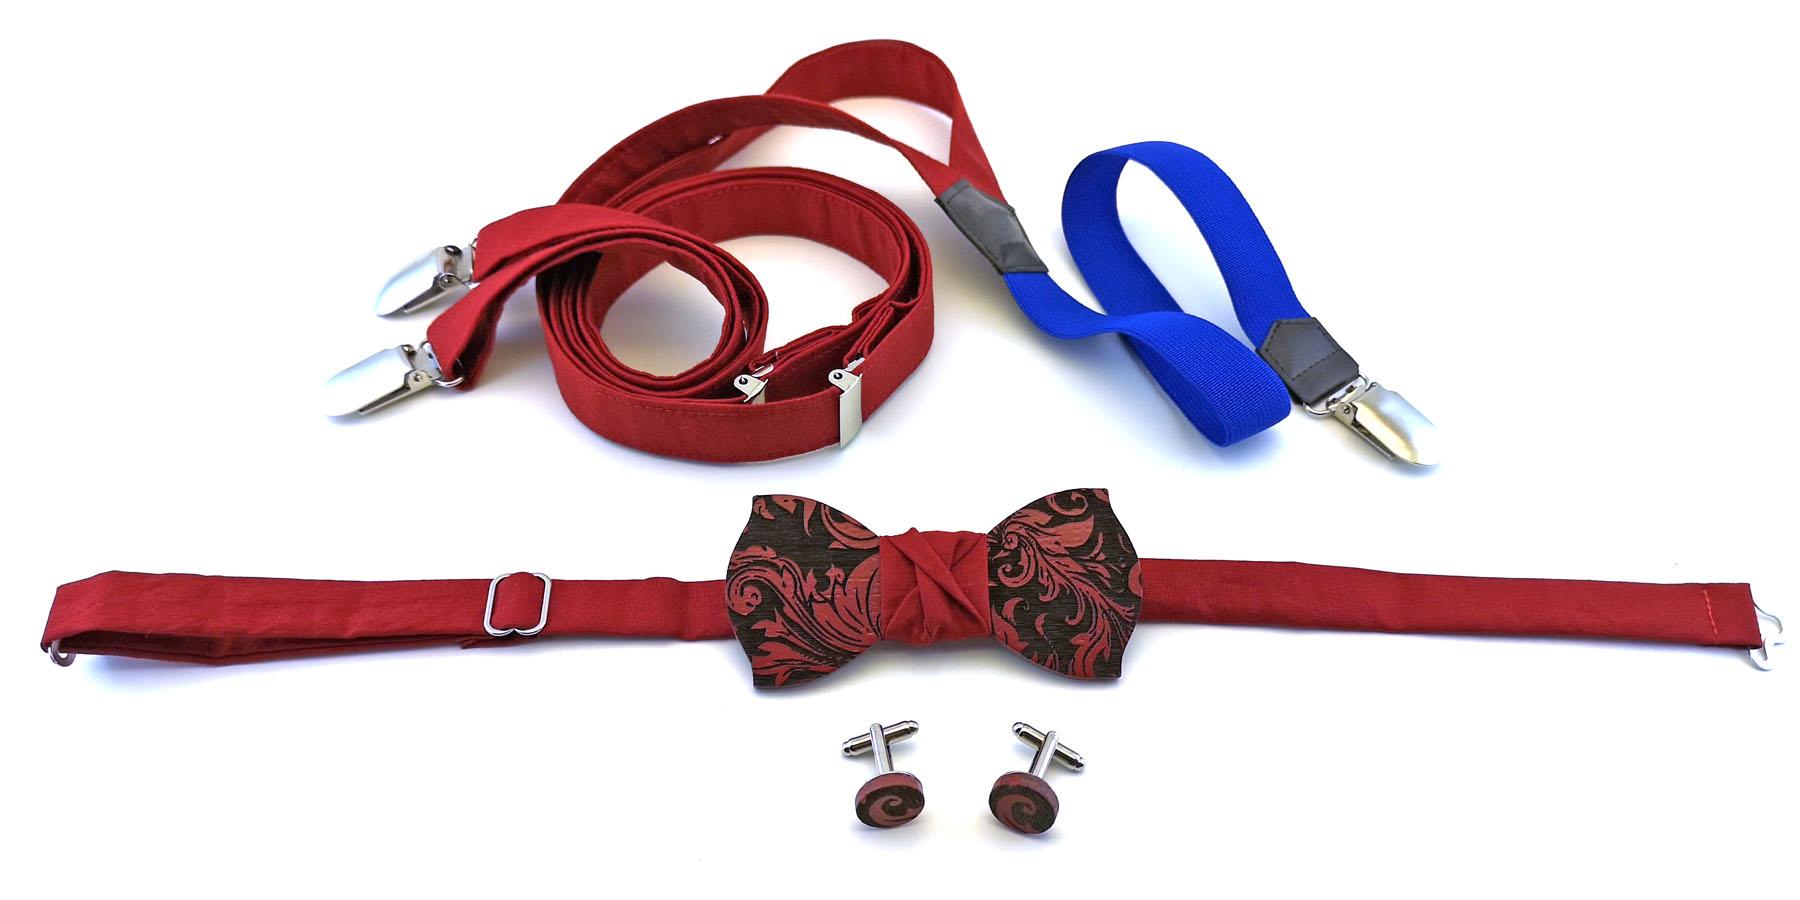 bambino varietà di disegni e colori varietà larghe Papillon e gemelli in legno di wenge, floreale rosso, bretelle in cotone  rosso, elastico blu